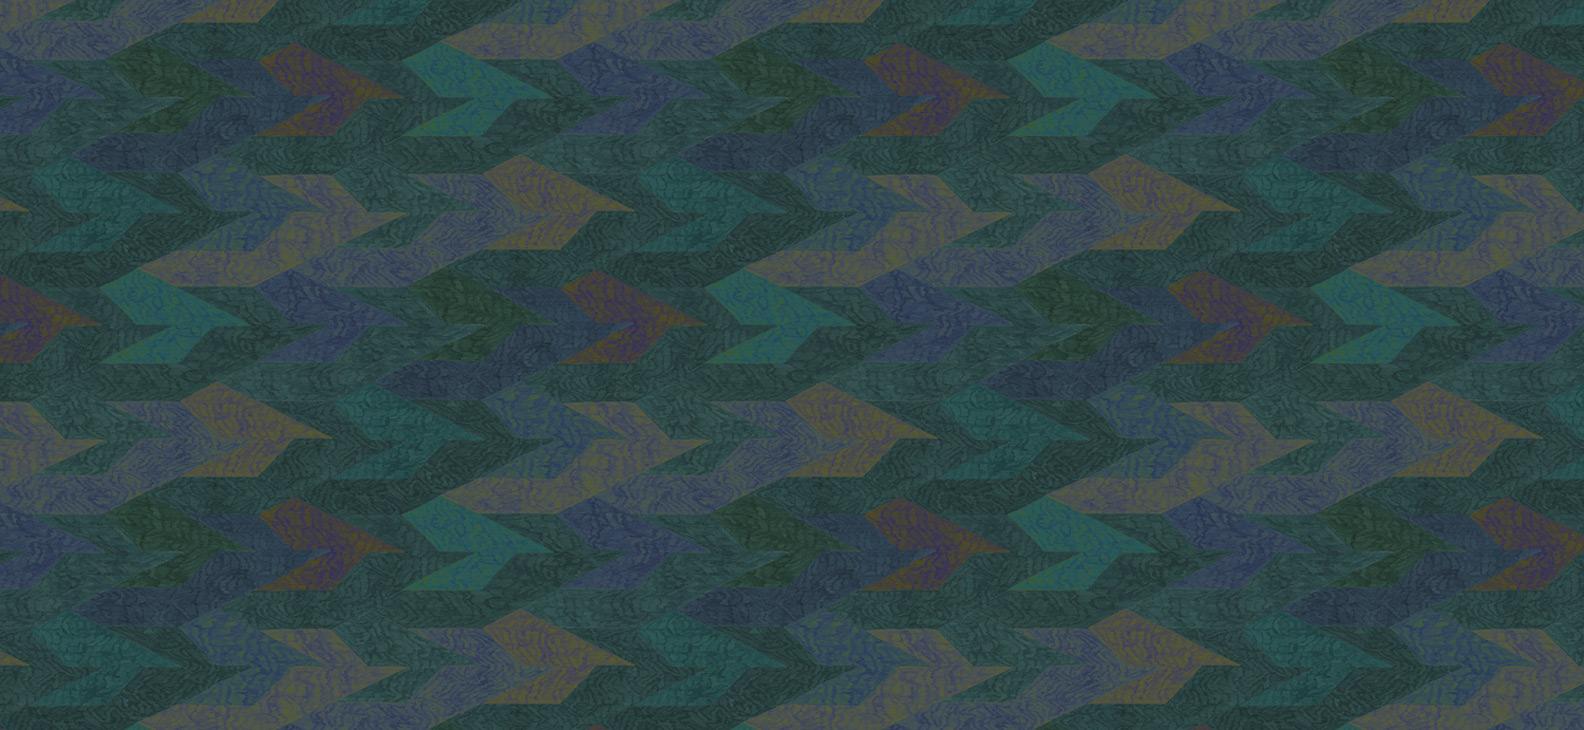 Papier Peint Ressource, Collection Faune & Flore, Motif Nuée, Variation NP01